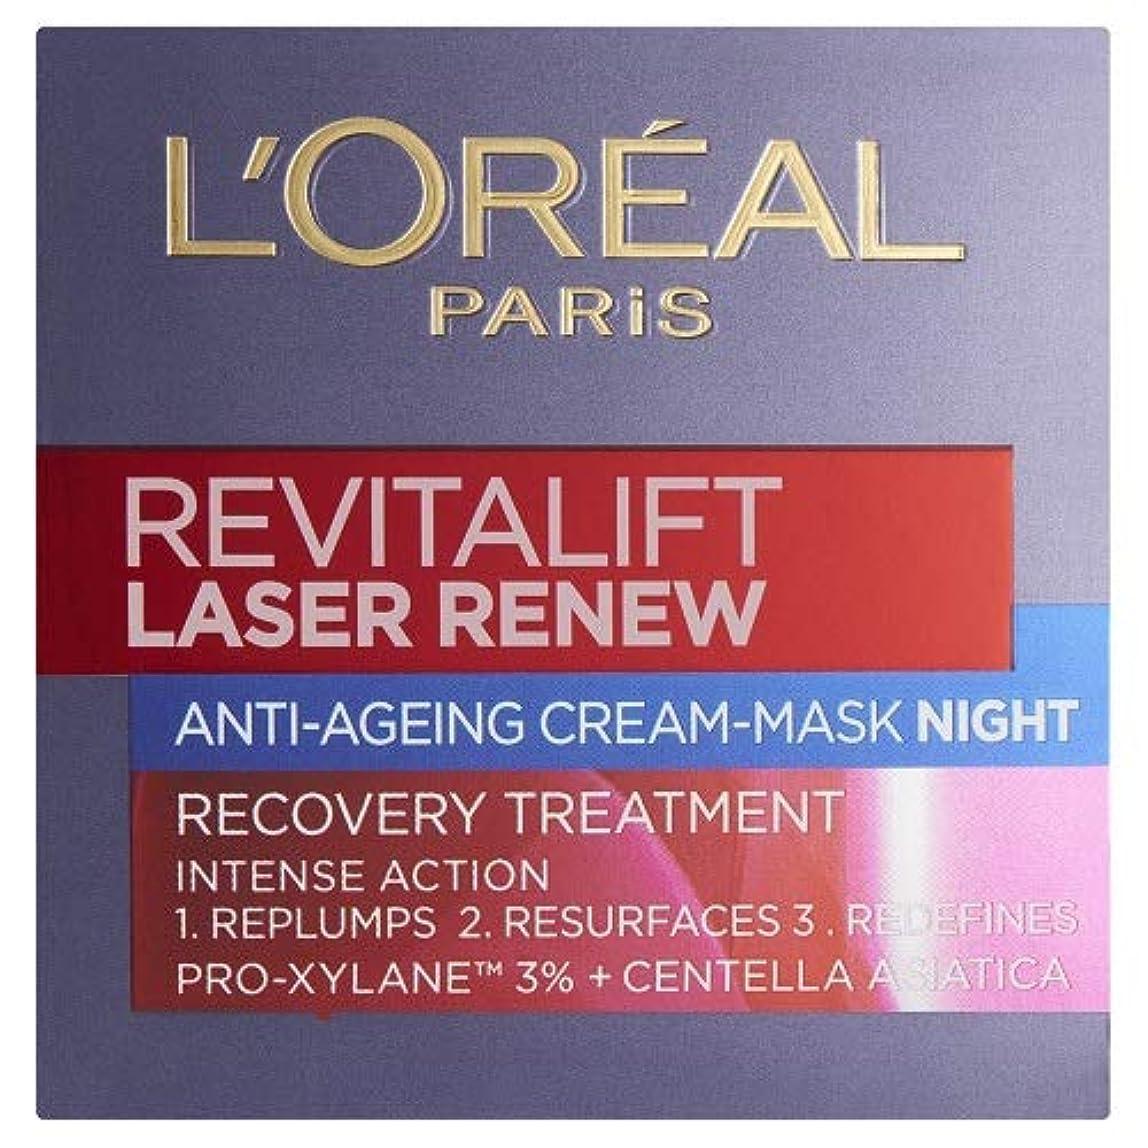 理想的には原油咽頭L'Oreal Paris Revitalift Laser Renew Night Cream (50ml) パリrevitaliftレーザーはナイトクリームを更新l'オラ?ら( 50ミリリットル)